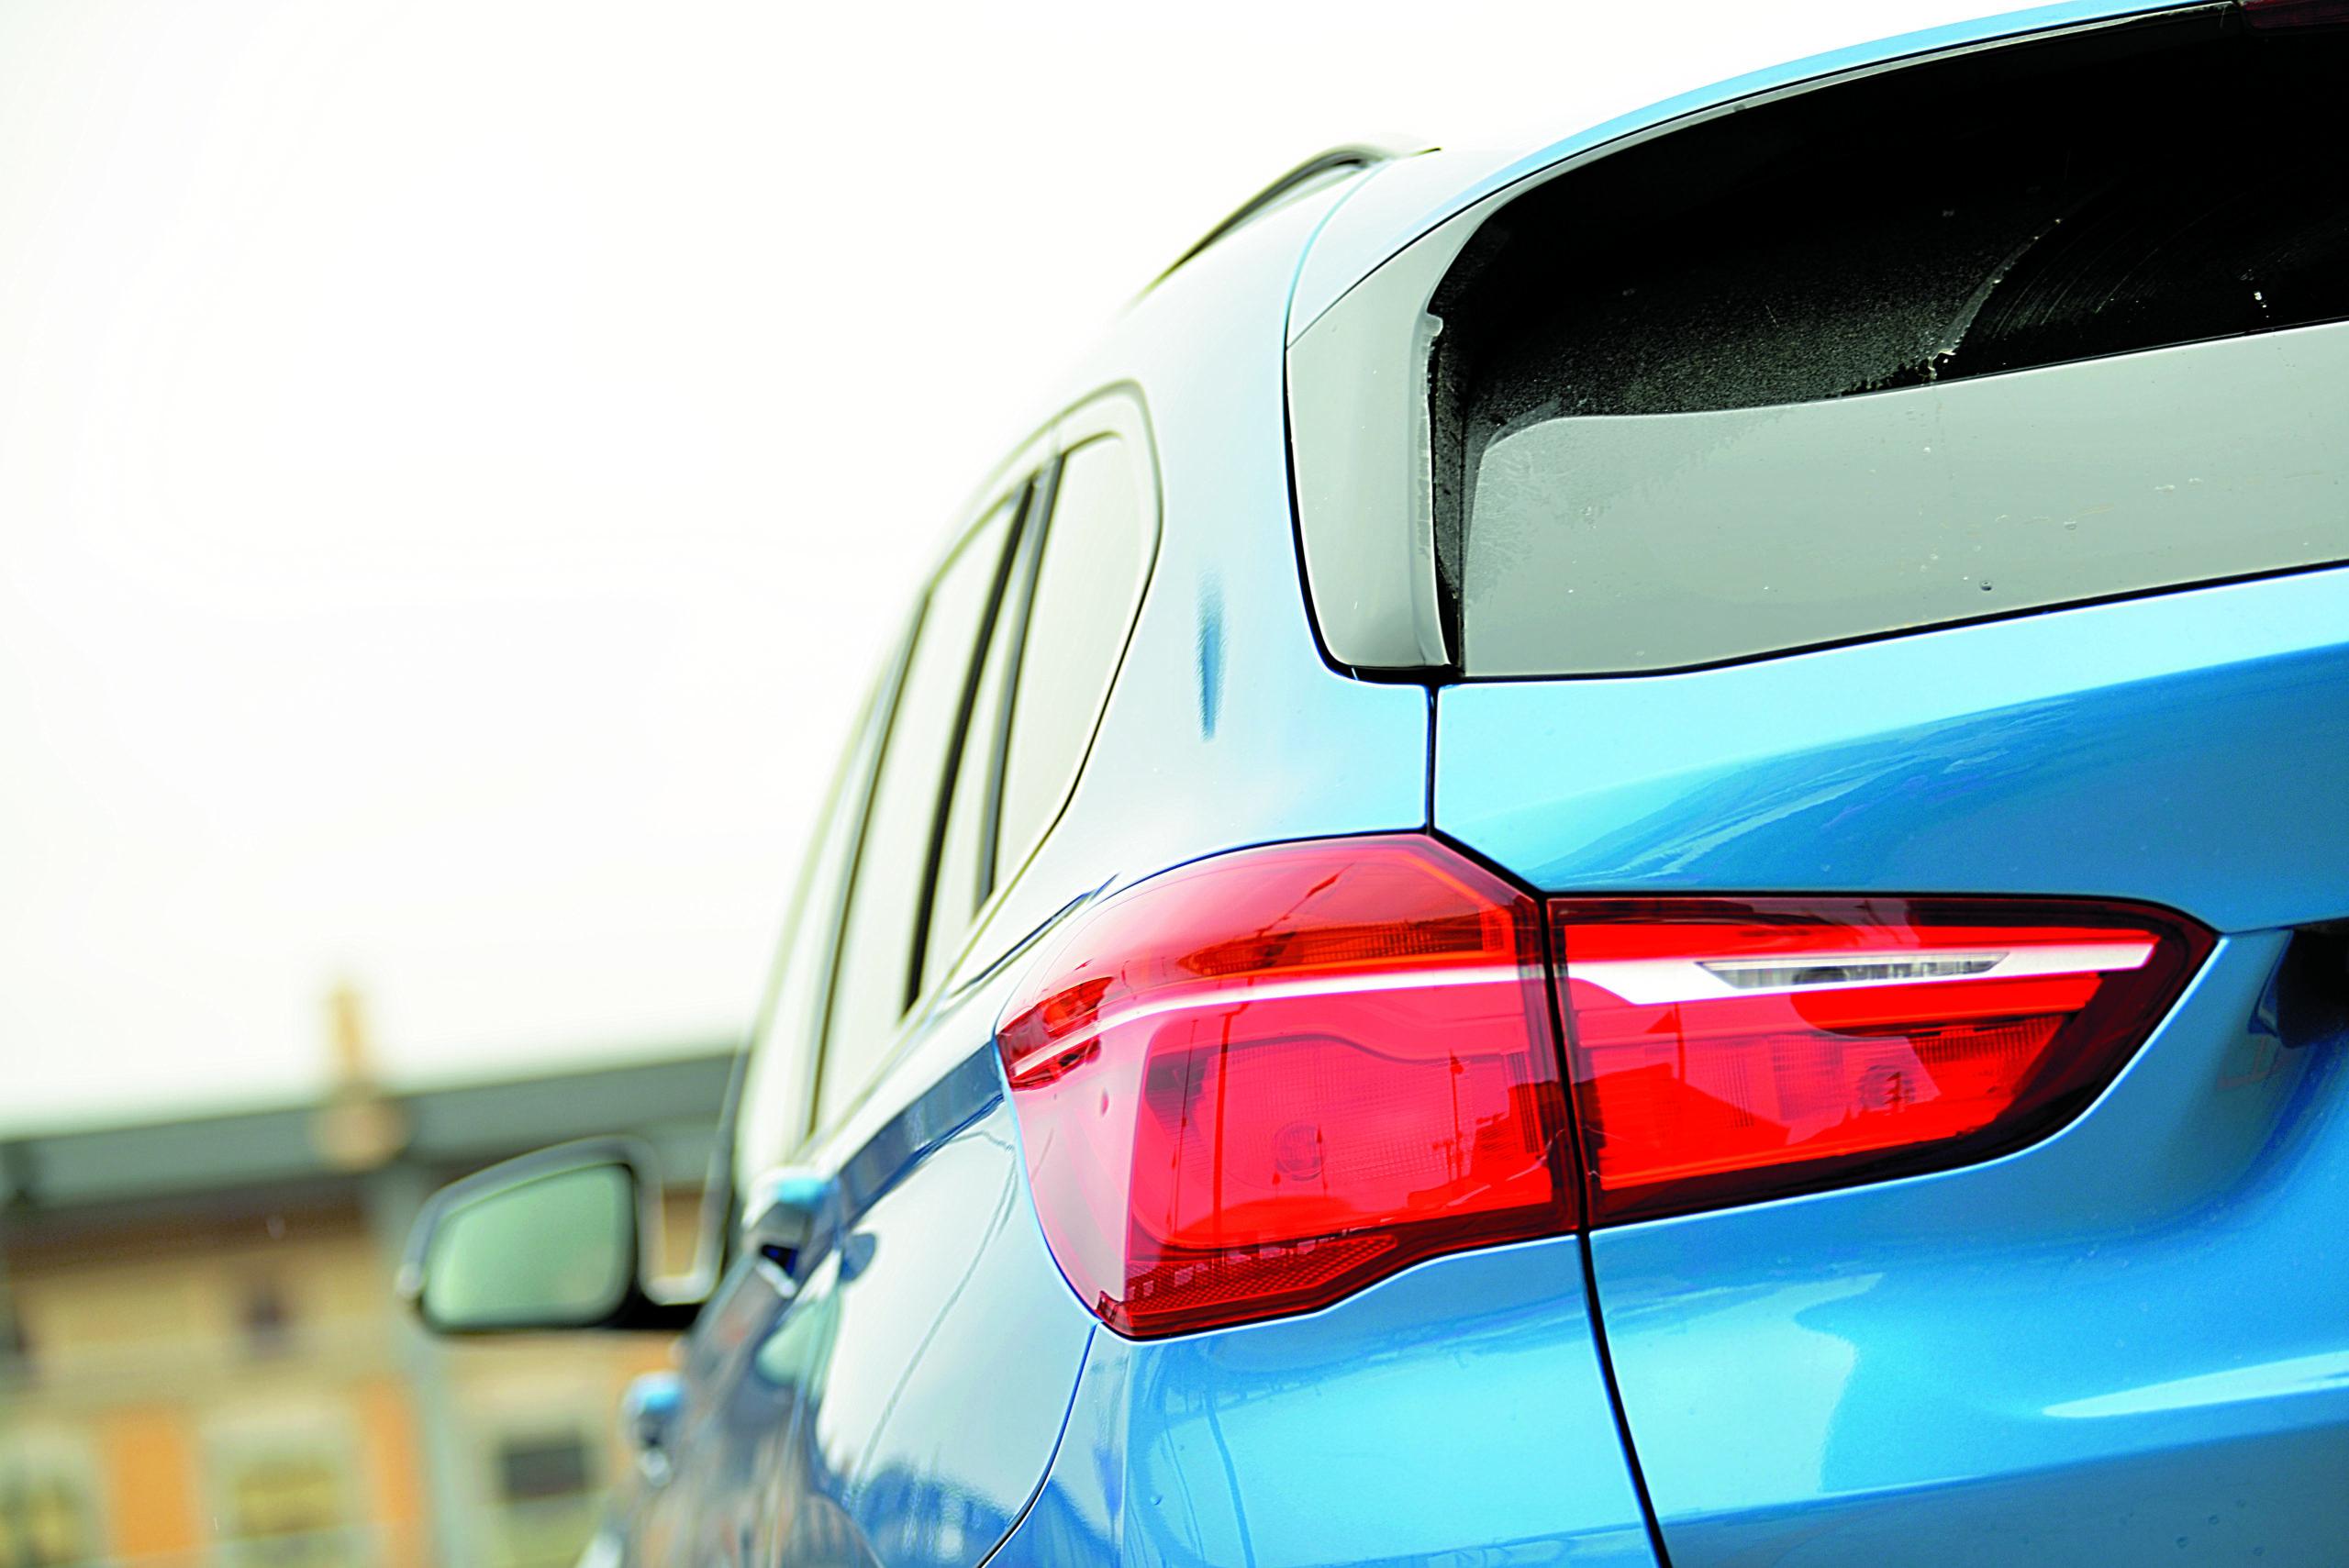 BMW-X1-xDrive-25d-tylne swiatała